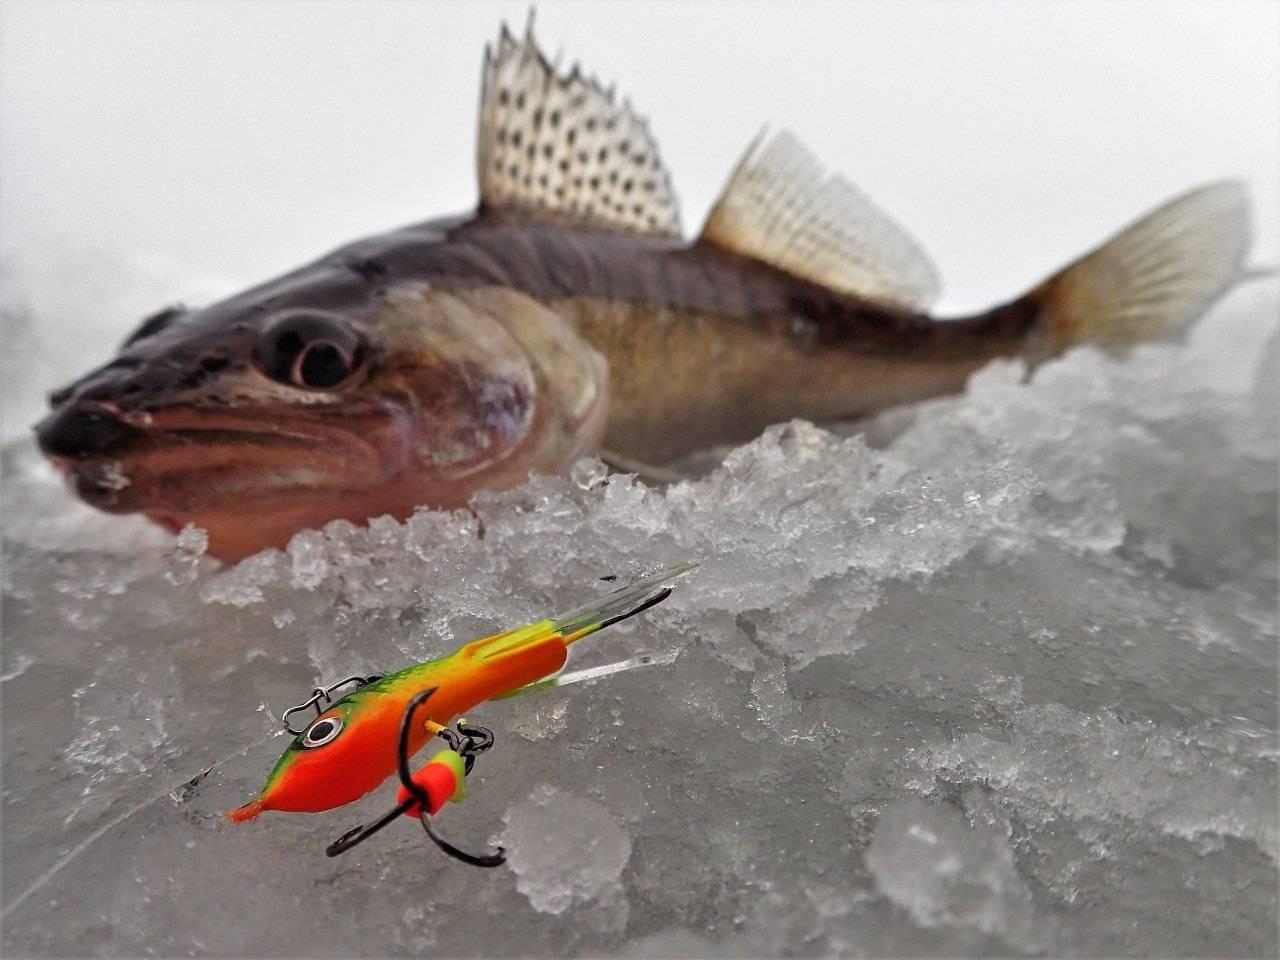 Ловля щуки на балансир зимой: видео, какие лучше подходят для рыбалки